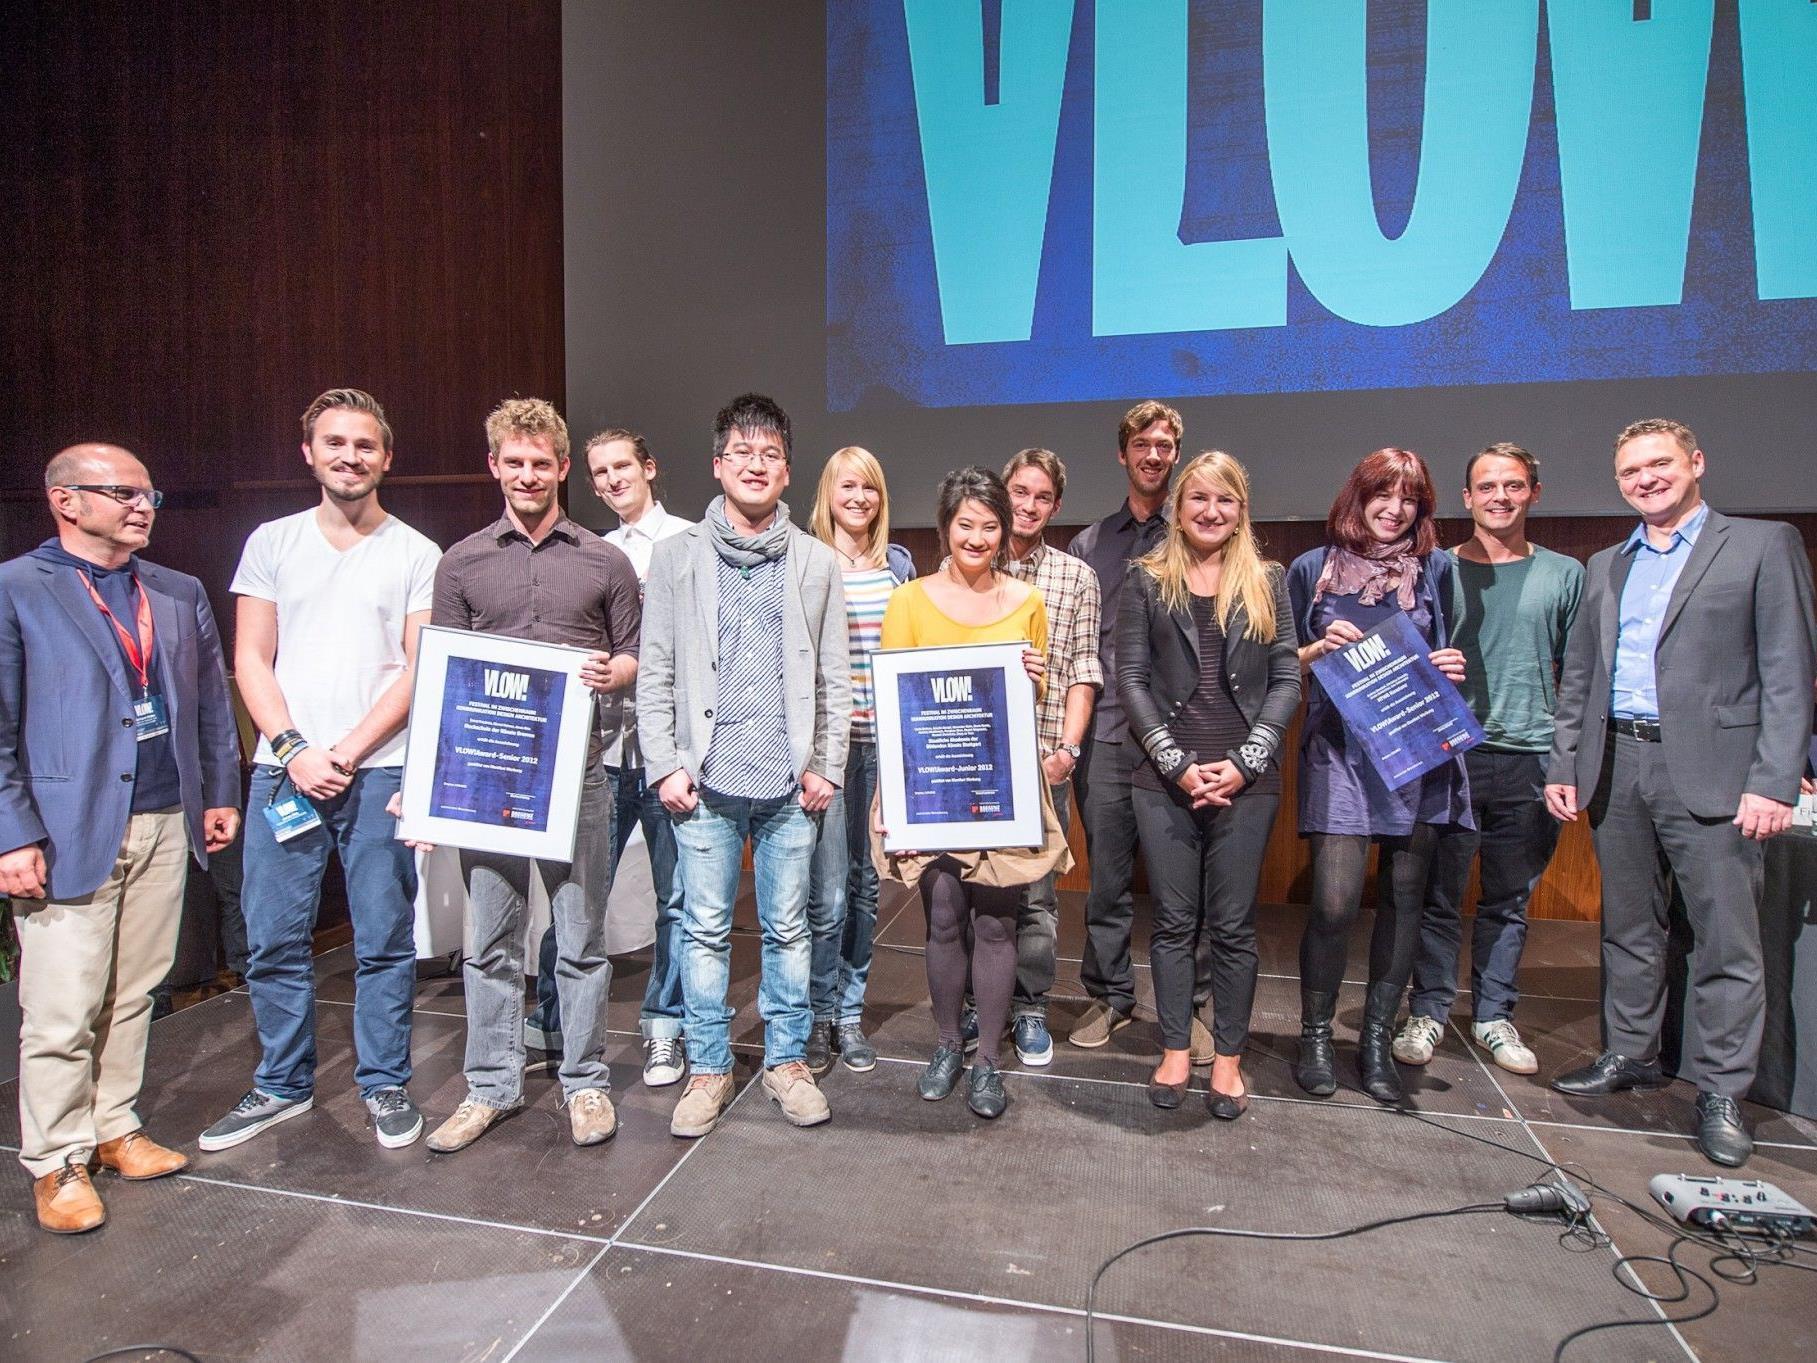 Laudatoren, Juroren und Veranstalter gemeinsam mit den Gewinnerteams aus Konstanz, Stuttgart und Bremen.